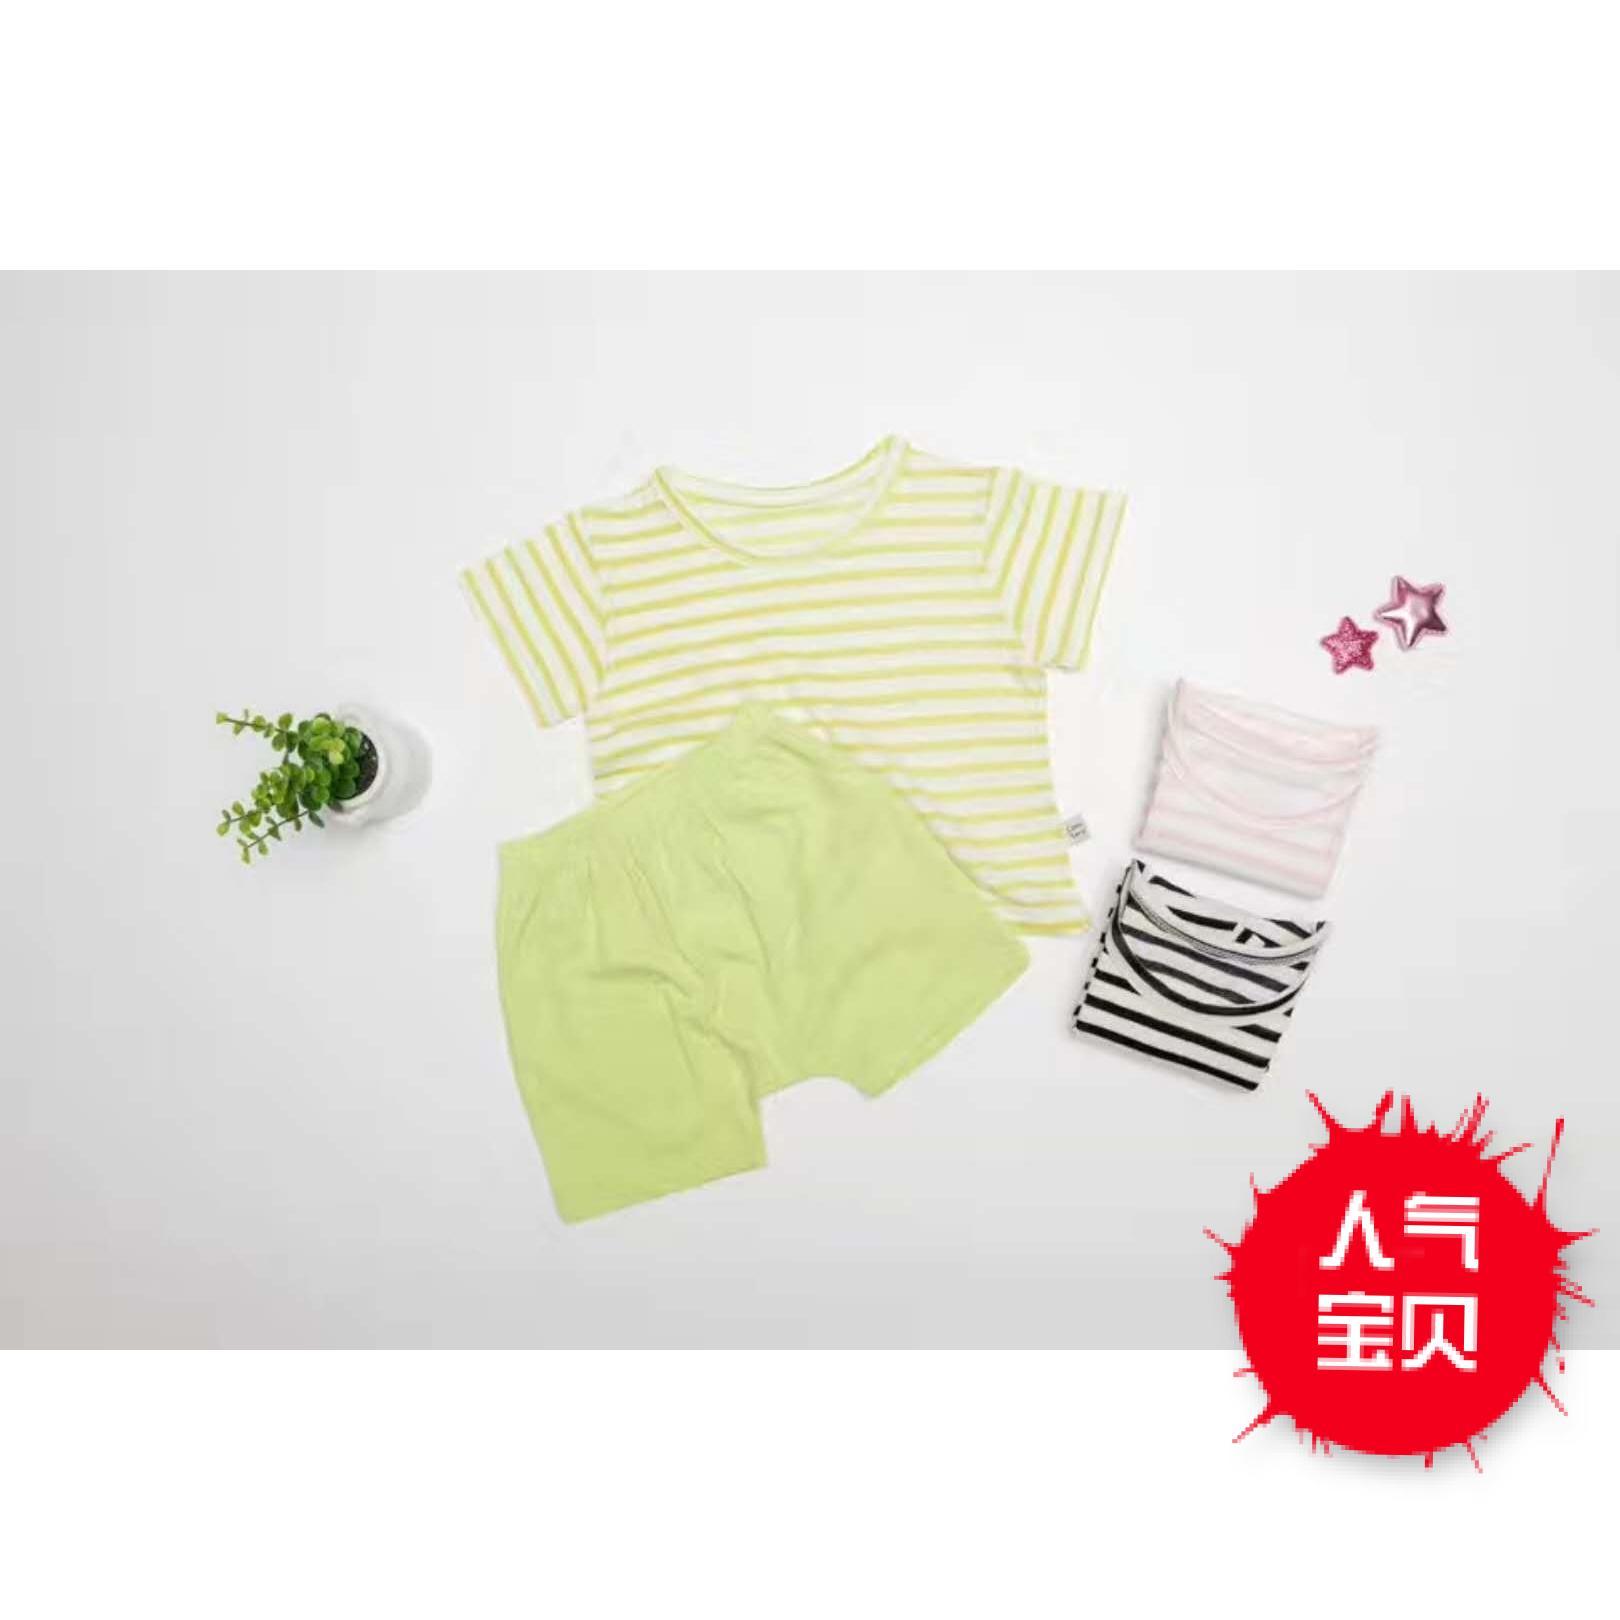 现货特价韩国 童装 套装体恤 2018夏季 1-5岁男女宝宝正品保证